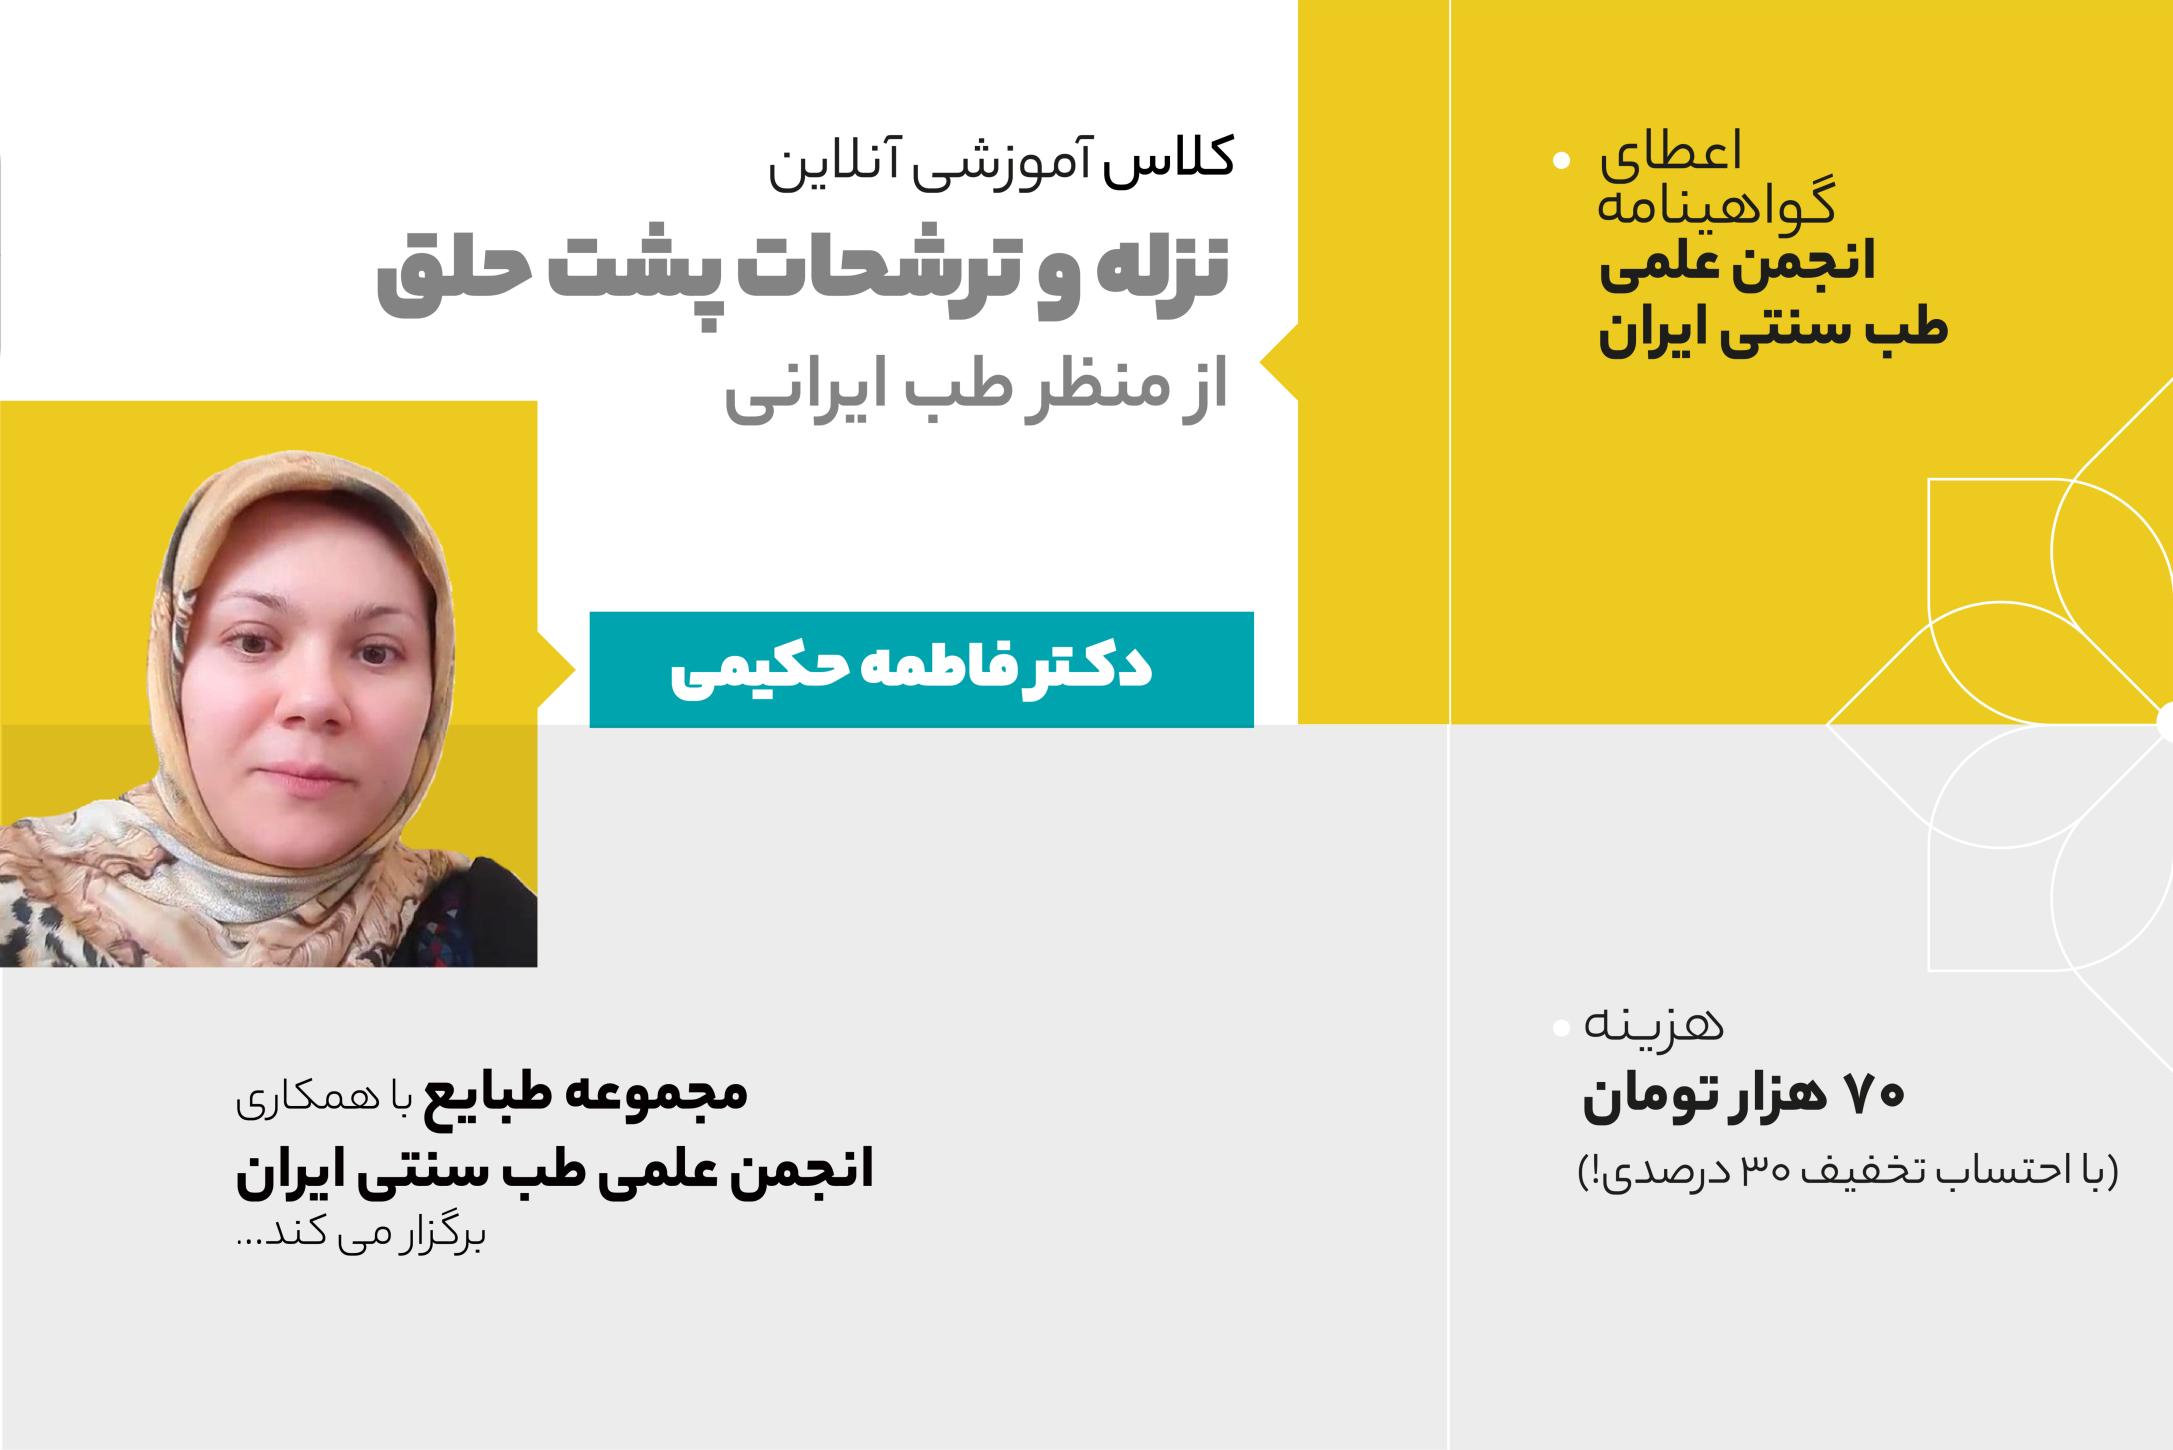 کلاس آموزشی نزله و ترشحات پشت حلق از منظر طب ایرانی